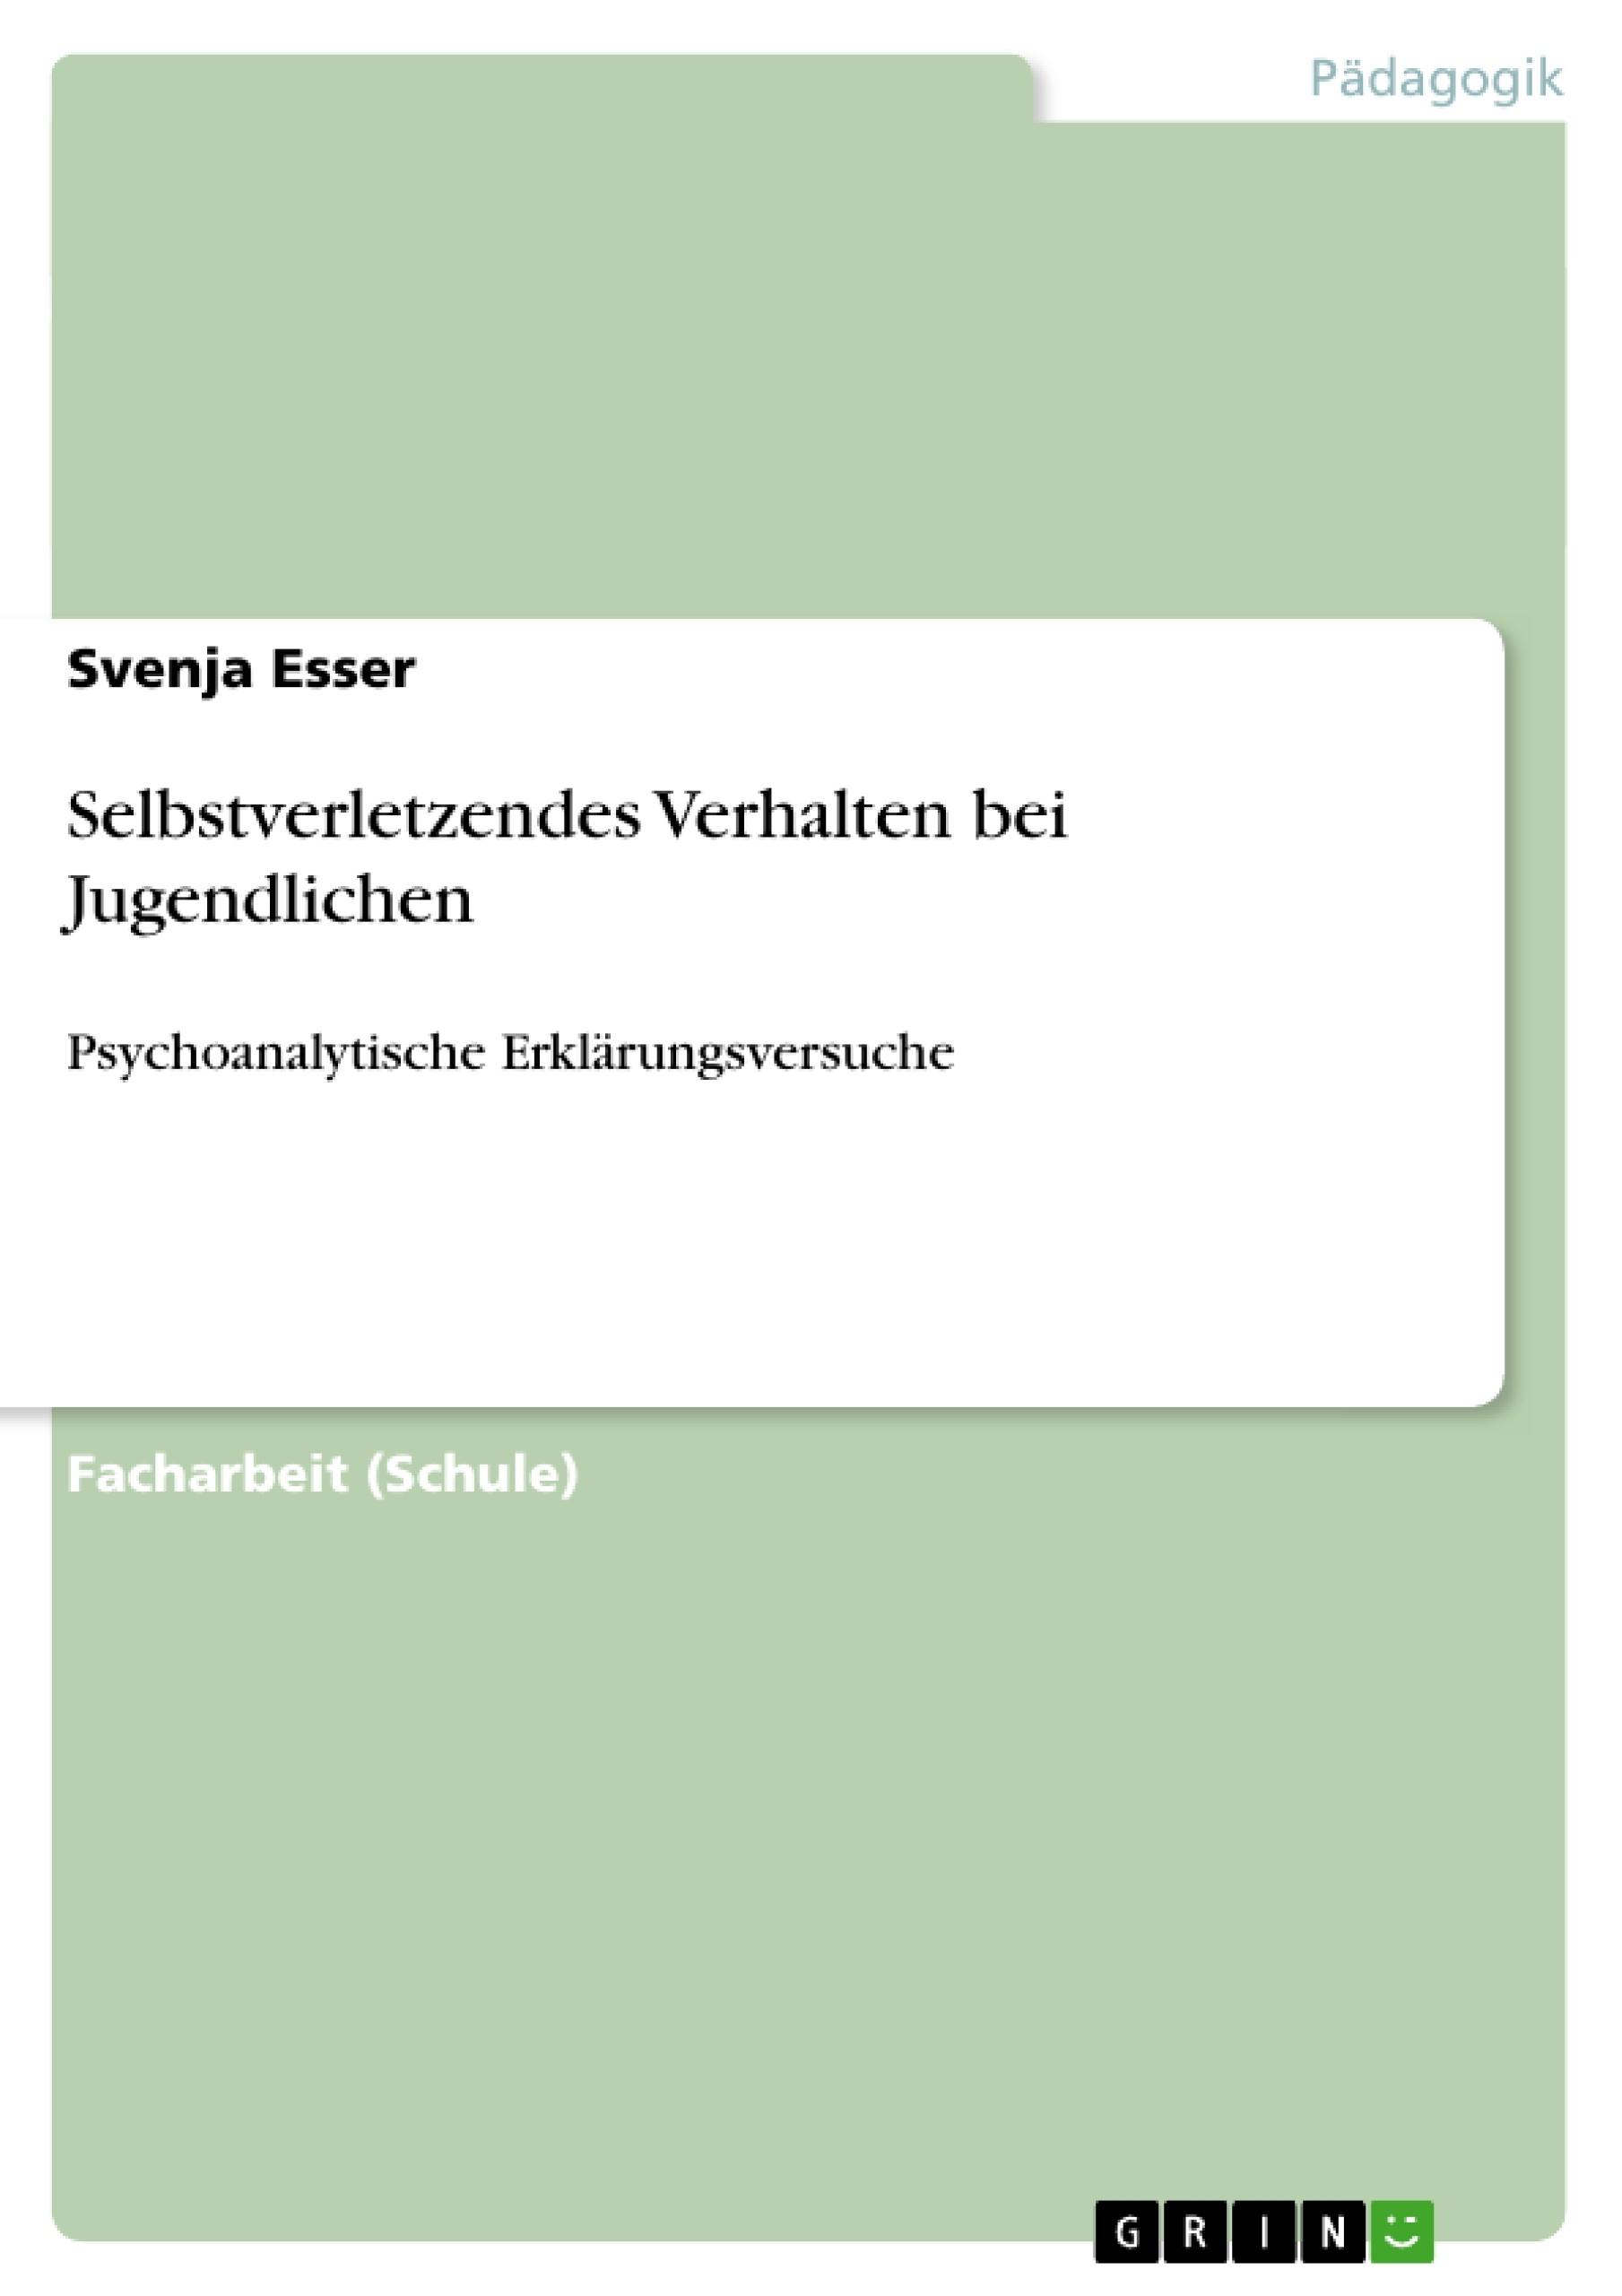 Titel: Selbstverletzendes Verhalten bei Jugendlichen